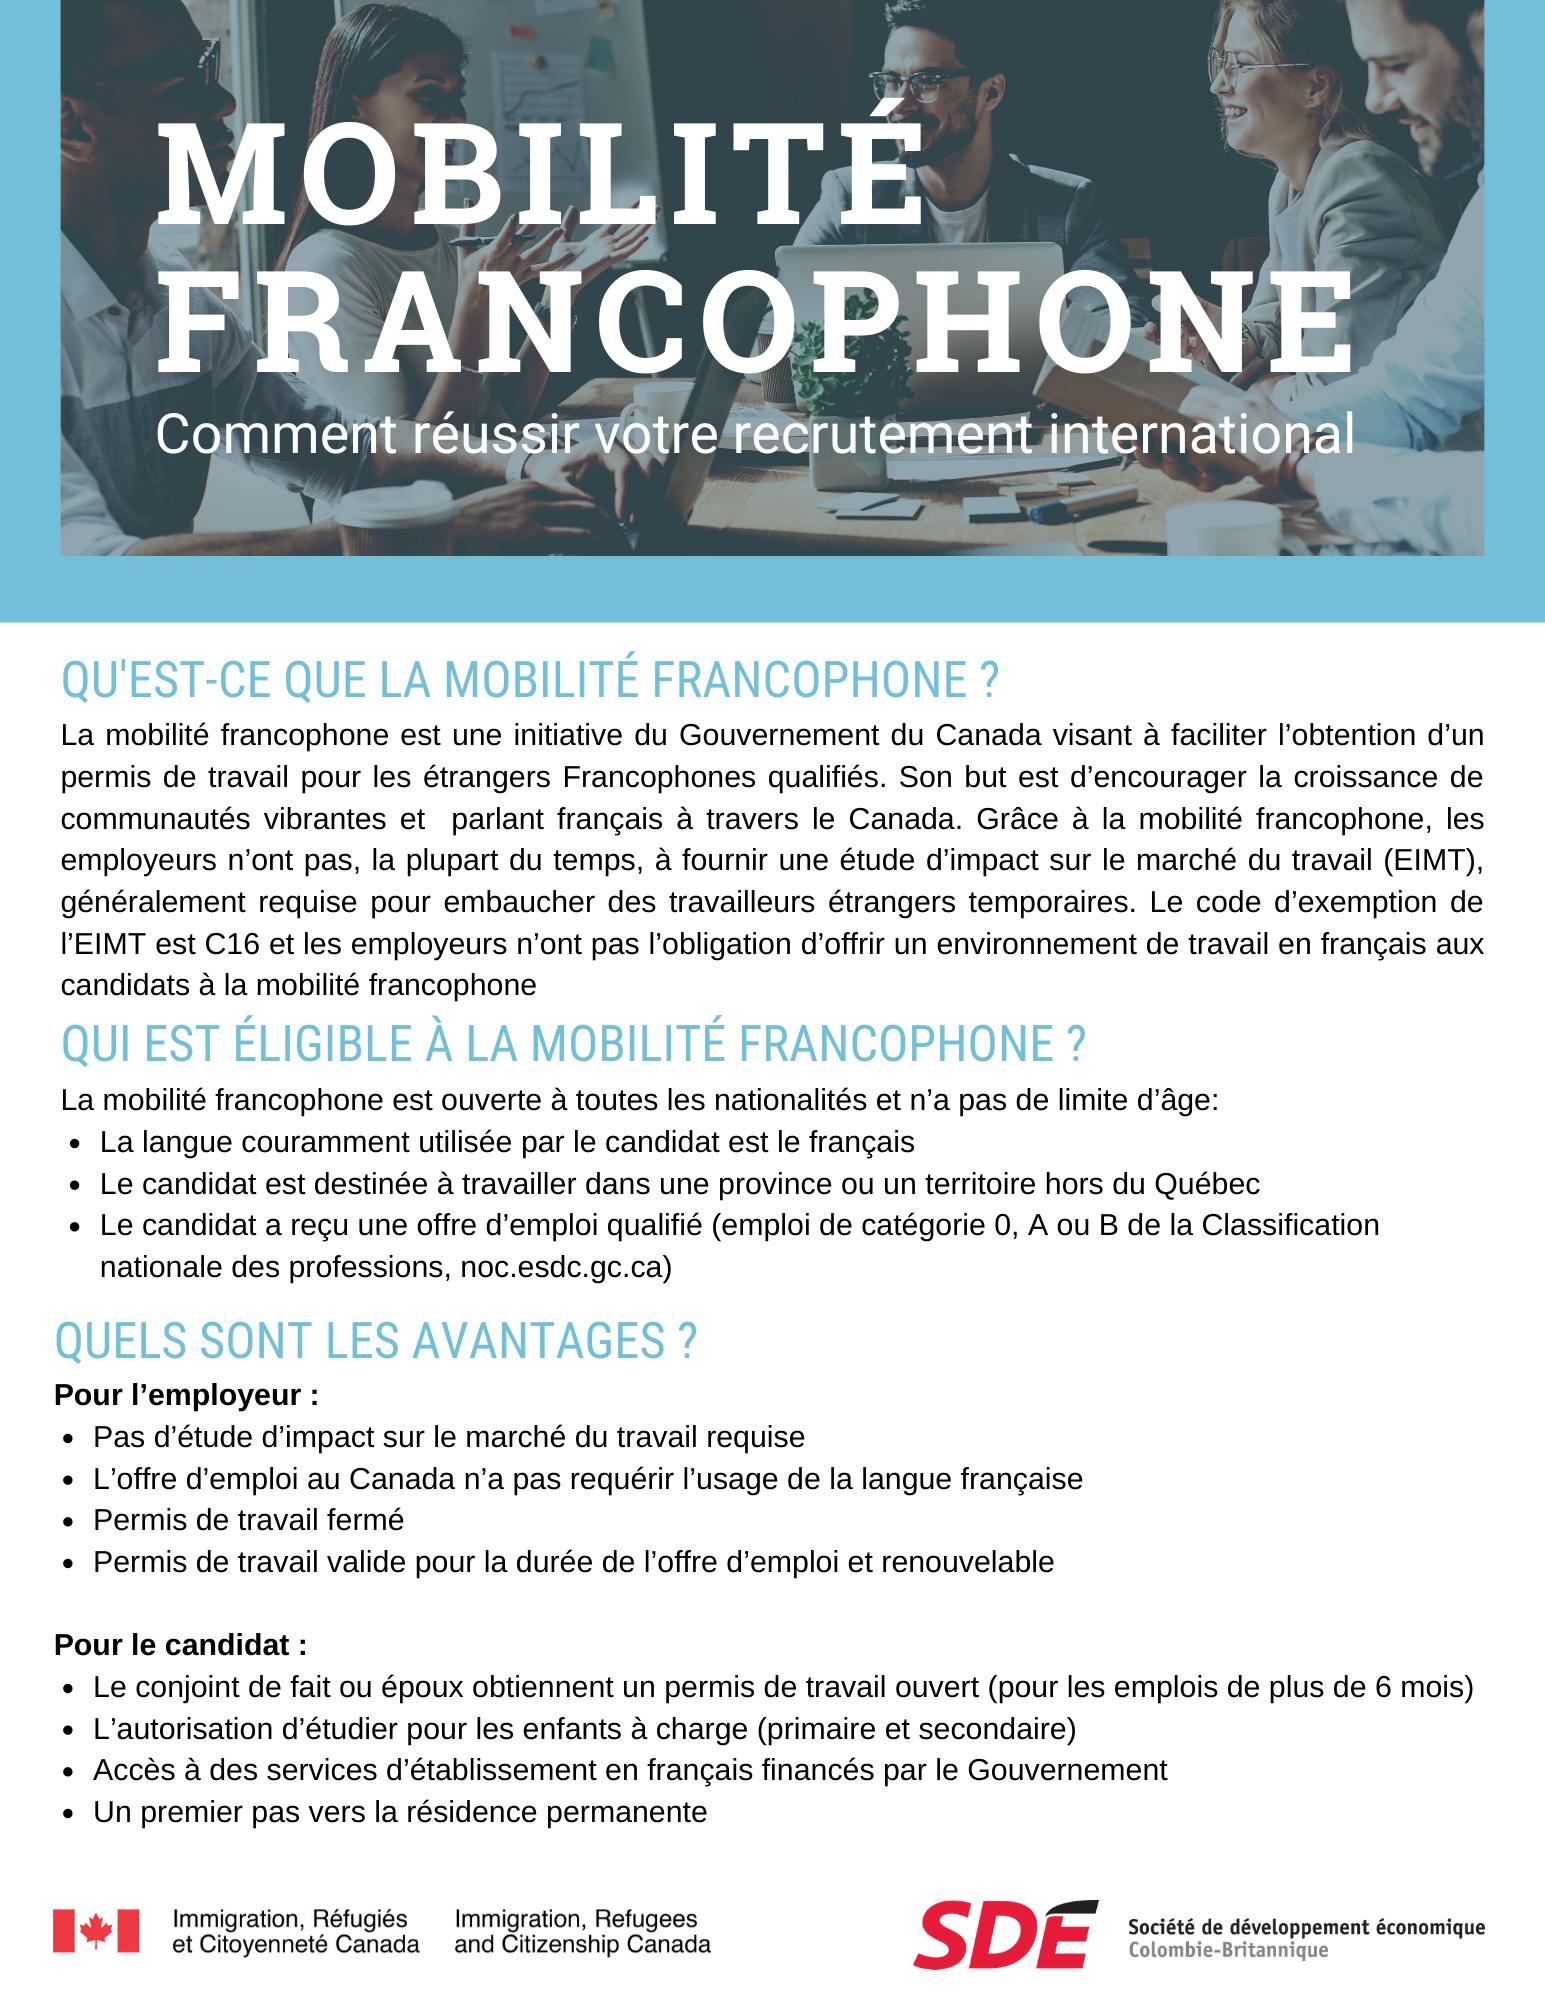 Mobilité francophone guide employeur